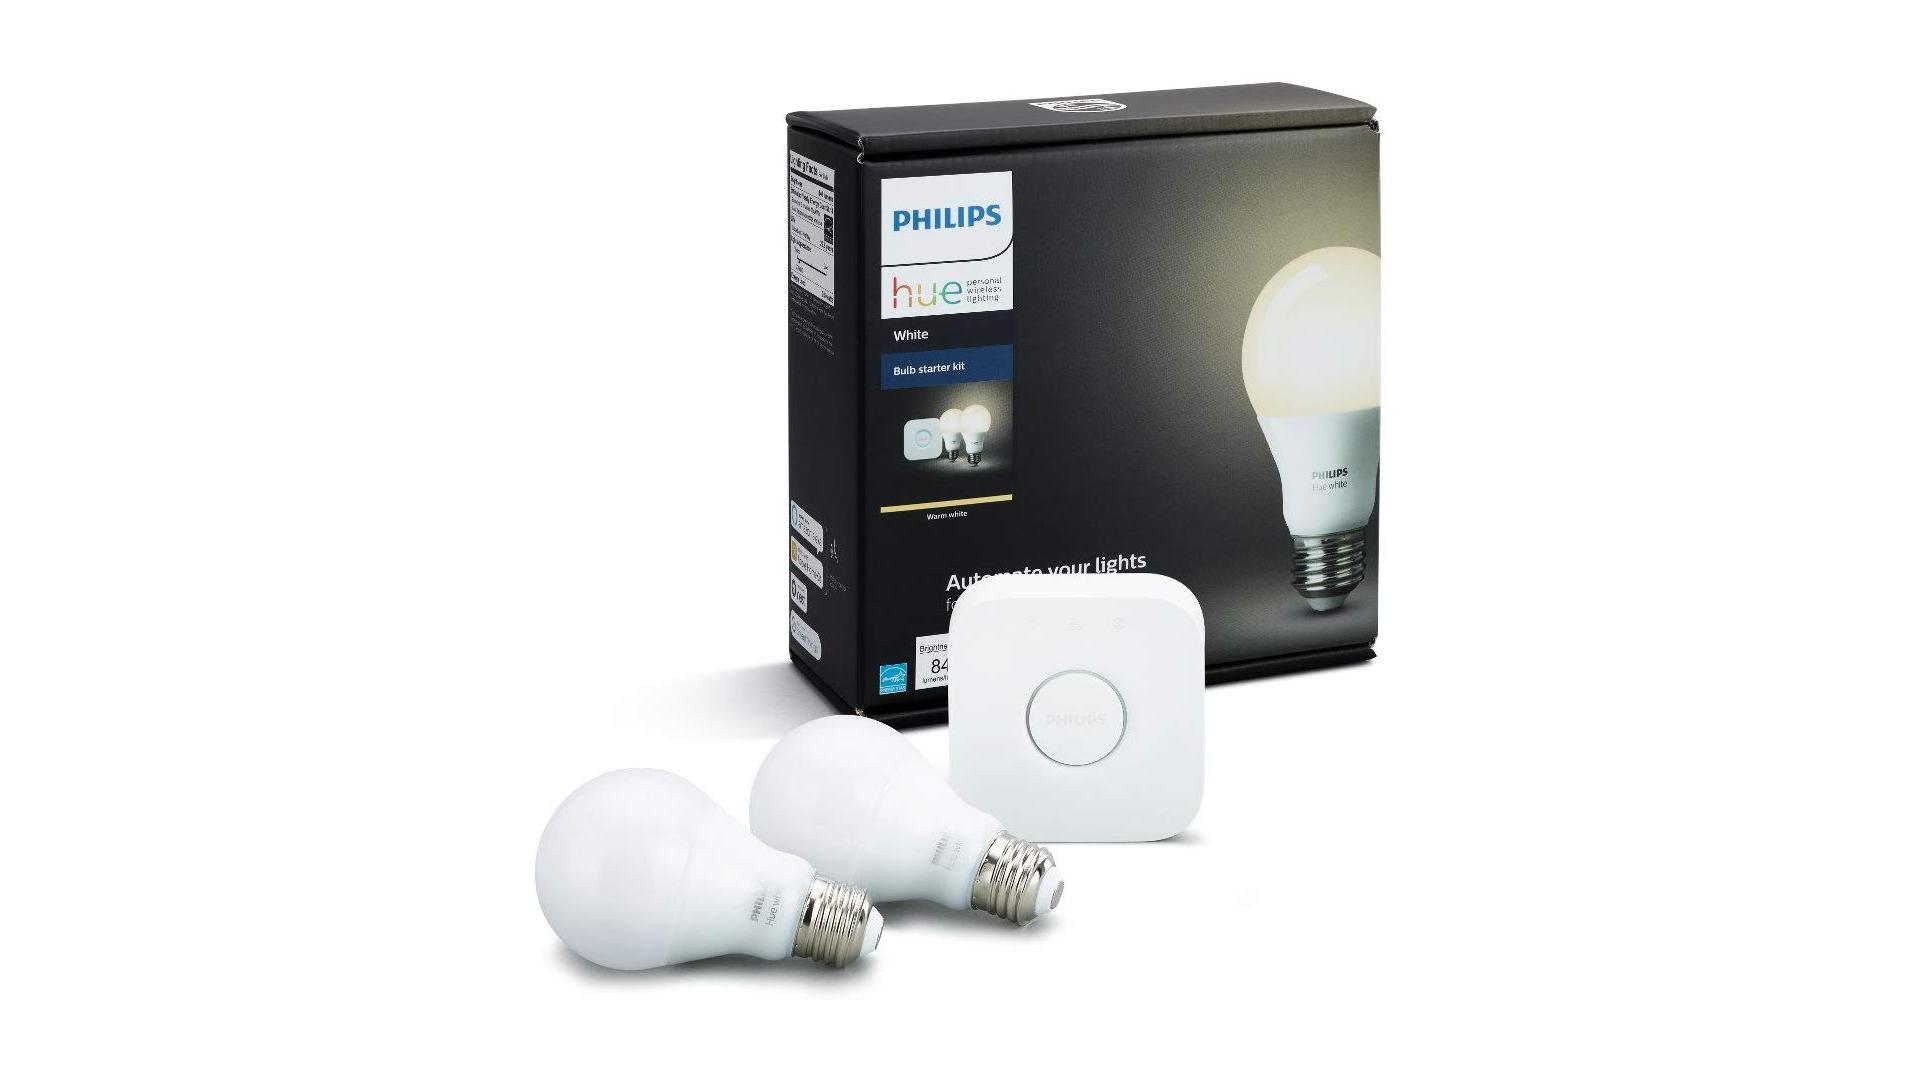 The Philips Hue white smart bulb starter pack.